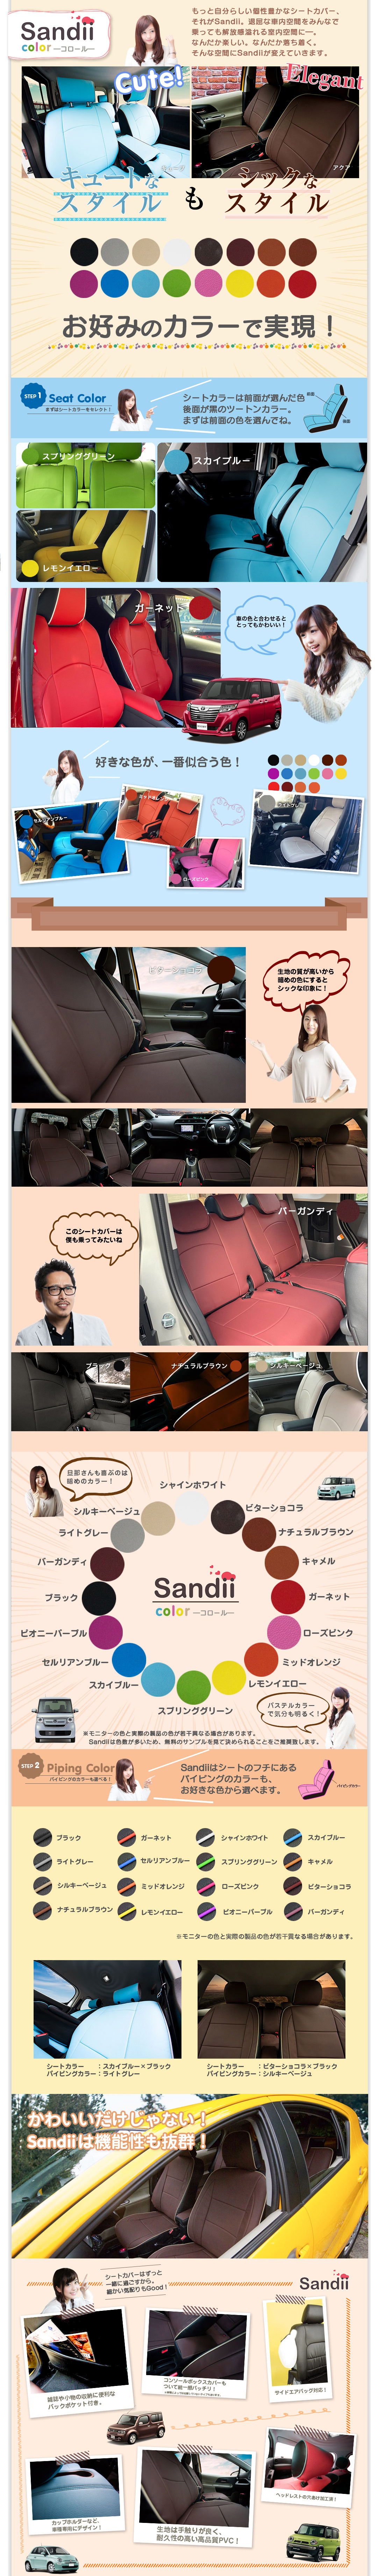 もっと自分らしい個性豊かなシートカバー、それがSandii。退屈な車内空間をみんなで乗っても解放感溢れる室内空間に―。なんだか楽しい。なんだか落ち着く。そんな空間にSandiiが変えていきます。キュートなスタイルもシックなスタイルも多彩なカラーで実現!シートカラーは前面がお選び頂いたカラー、後面が黒のツートンカラー。まずは前面の色を選んでください。車の色と合わせるととってもかわいい!好きな色が一番似合う色!生地の質が高いから暗めの色にするとシックな印象に!このシートカバーは僕も乗ってみたいね。旦那さんも喜ぶのは暗めのカラー!パステルカラーで気分も明るく!Sandiiはシートのフチにあるパイピングのカラーも選べます。かわいいだけじゃない!Sandiiは機能性も抜群!シートカバーはずっと一緒に過ごすから。細かい気配りもGood!